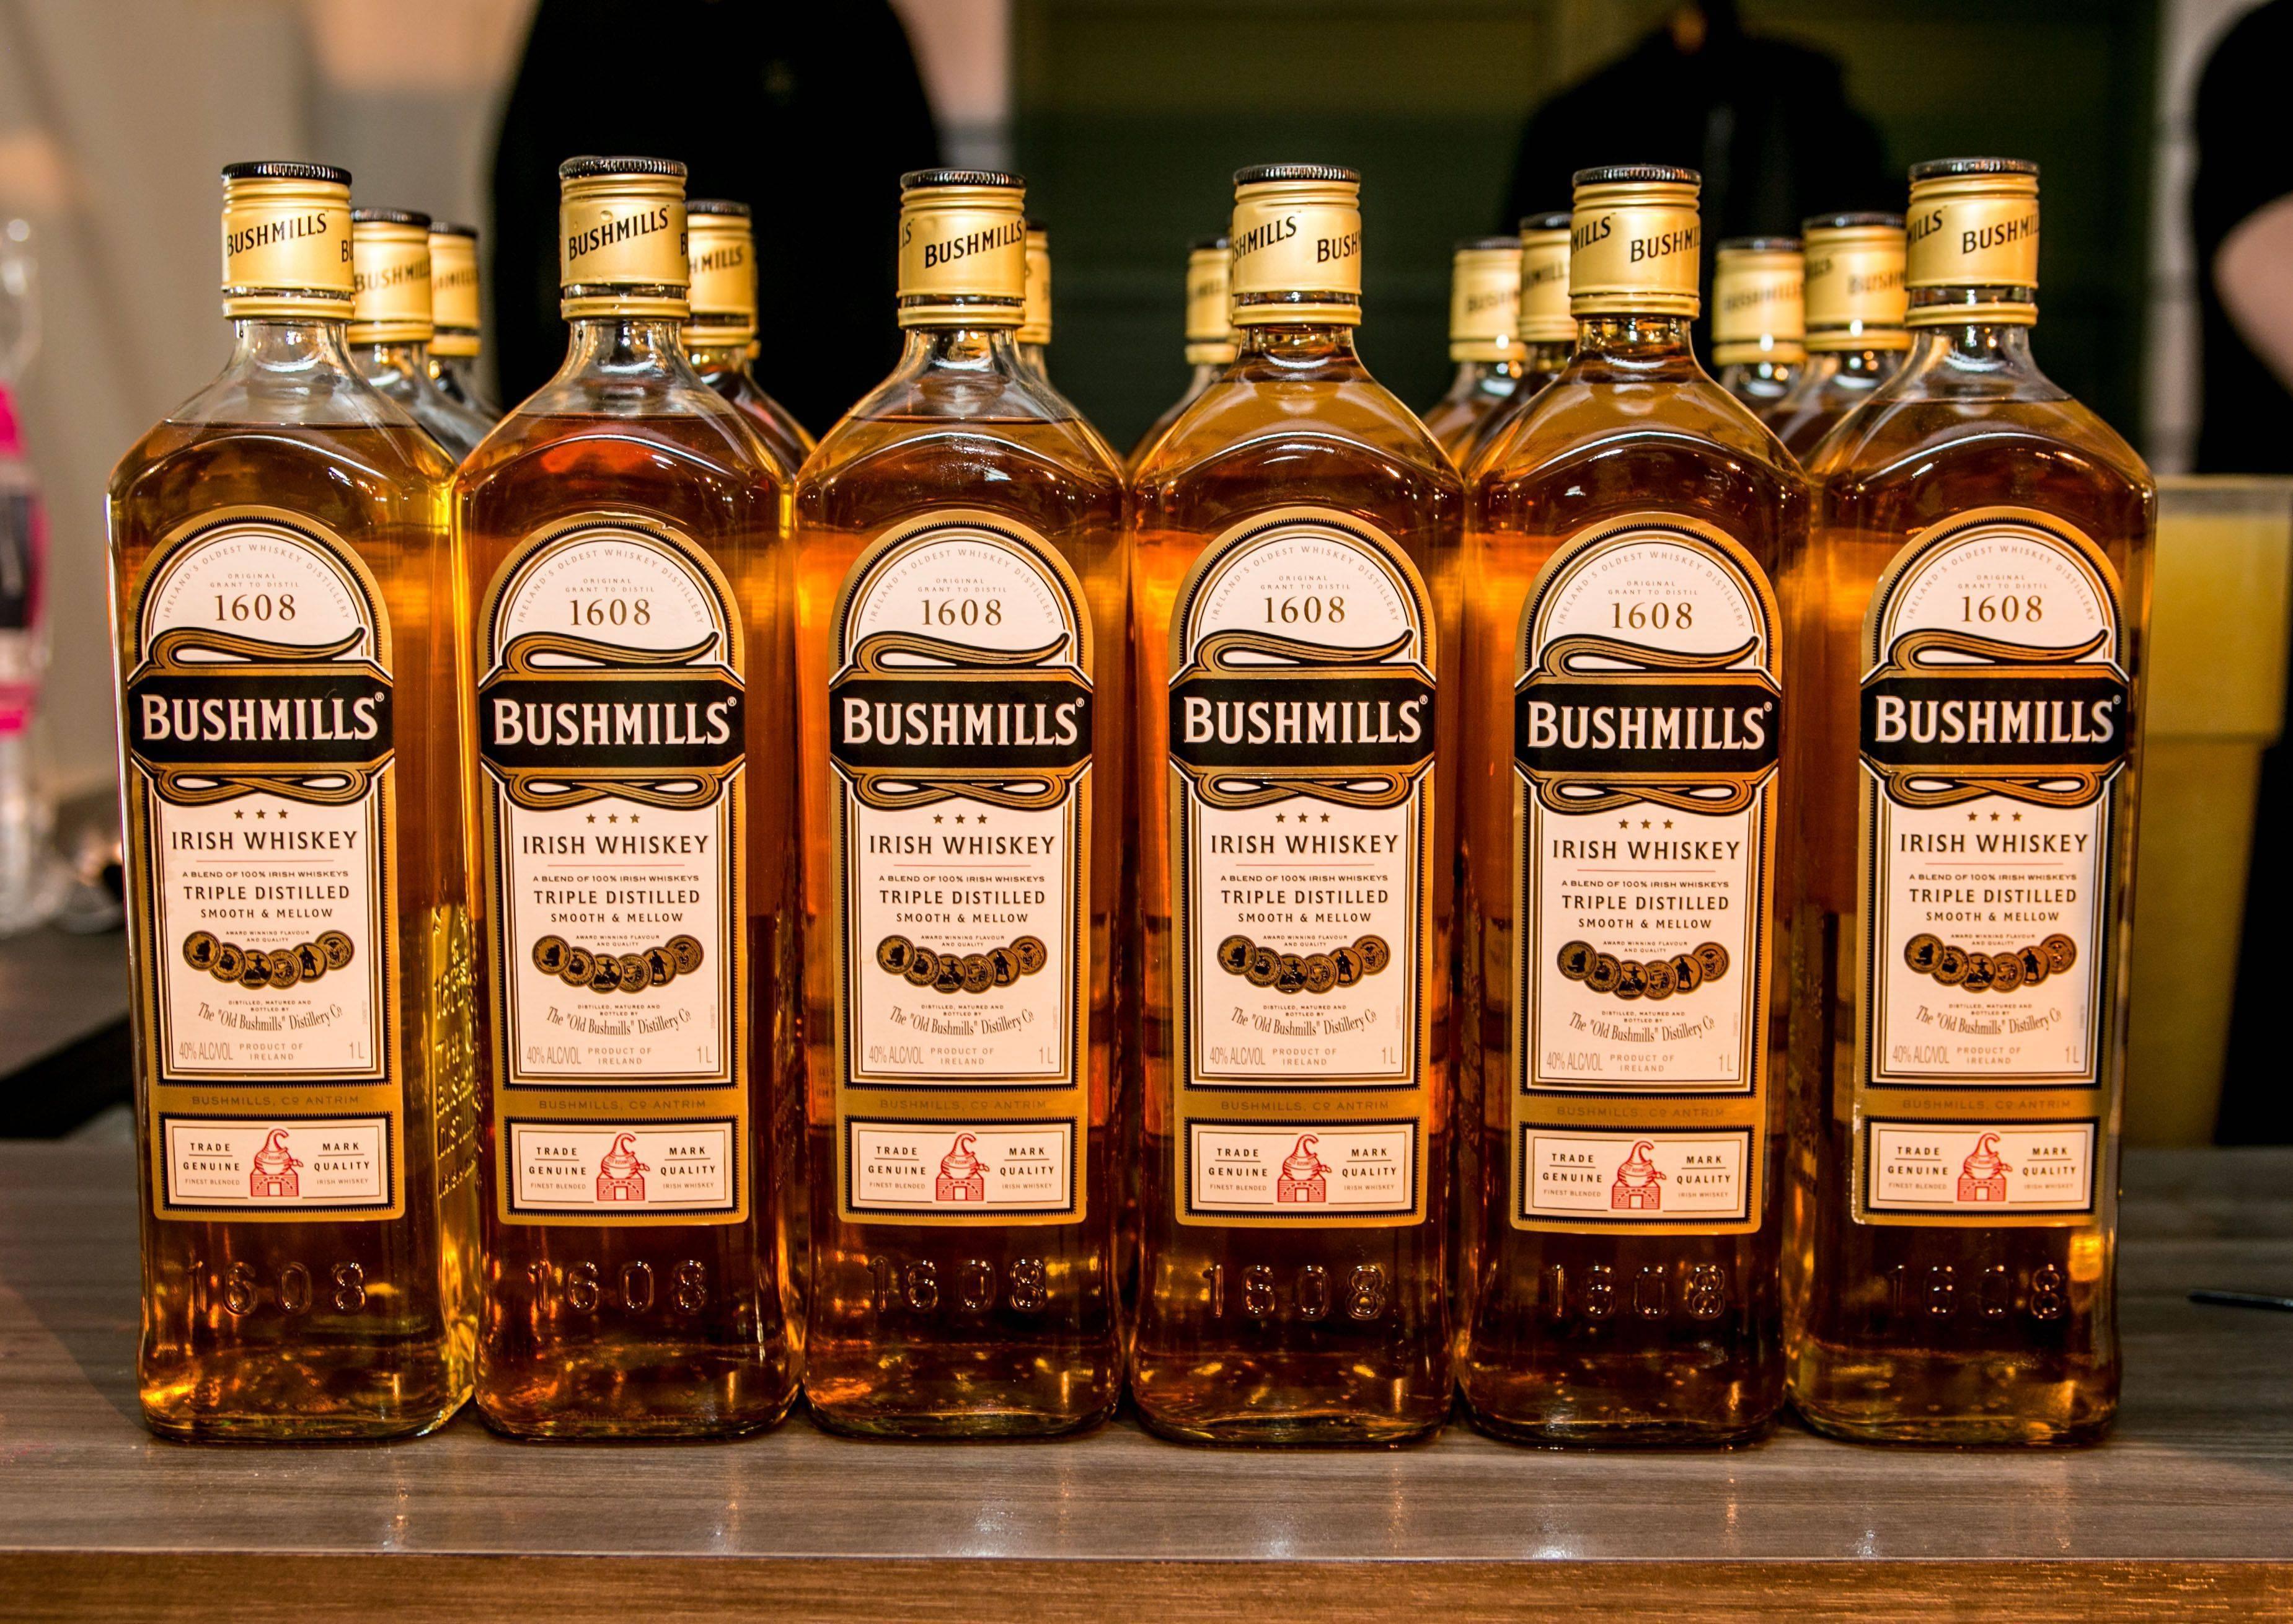 Ирландский виски: рейтинг лучших марок и цены известных брендов, таких как jameson (джемесон), односолодовый paddy, bushmills, а также какие отличия от шотландского?   mosspravki.ru